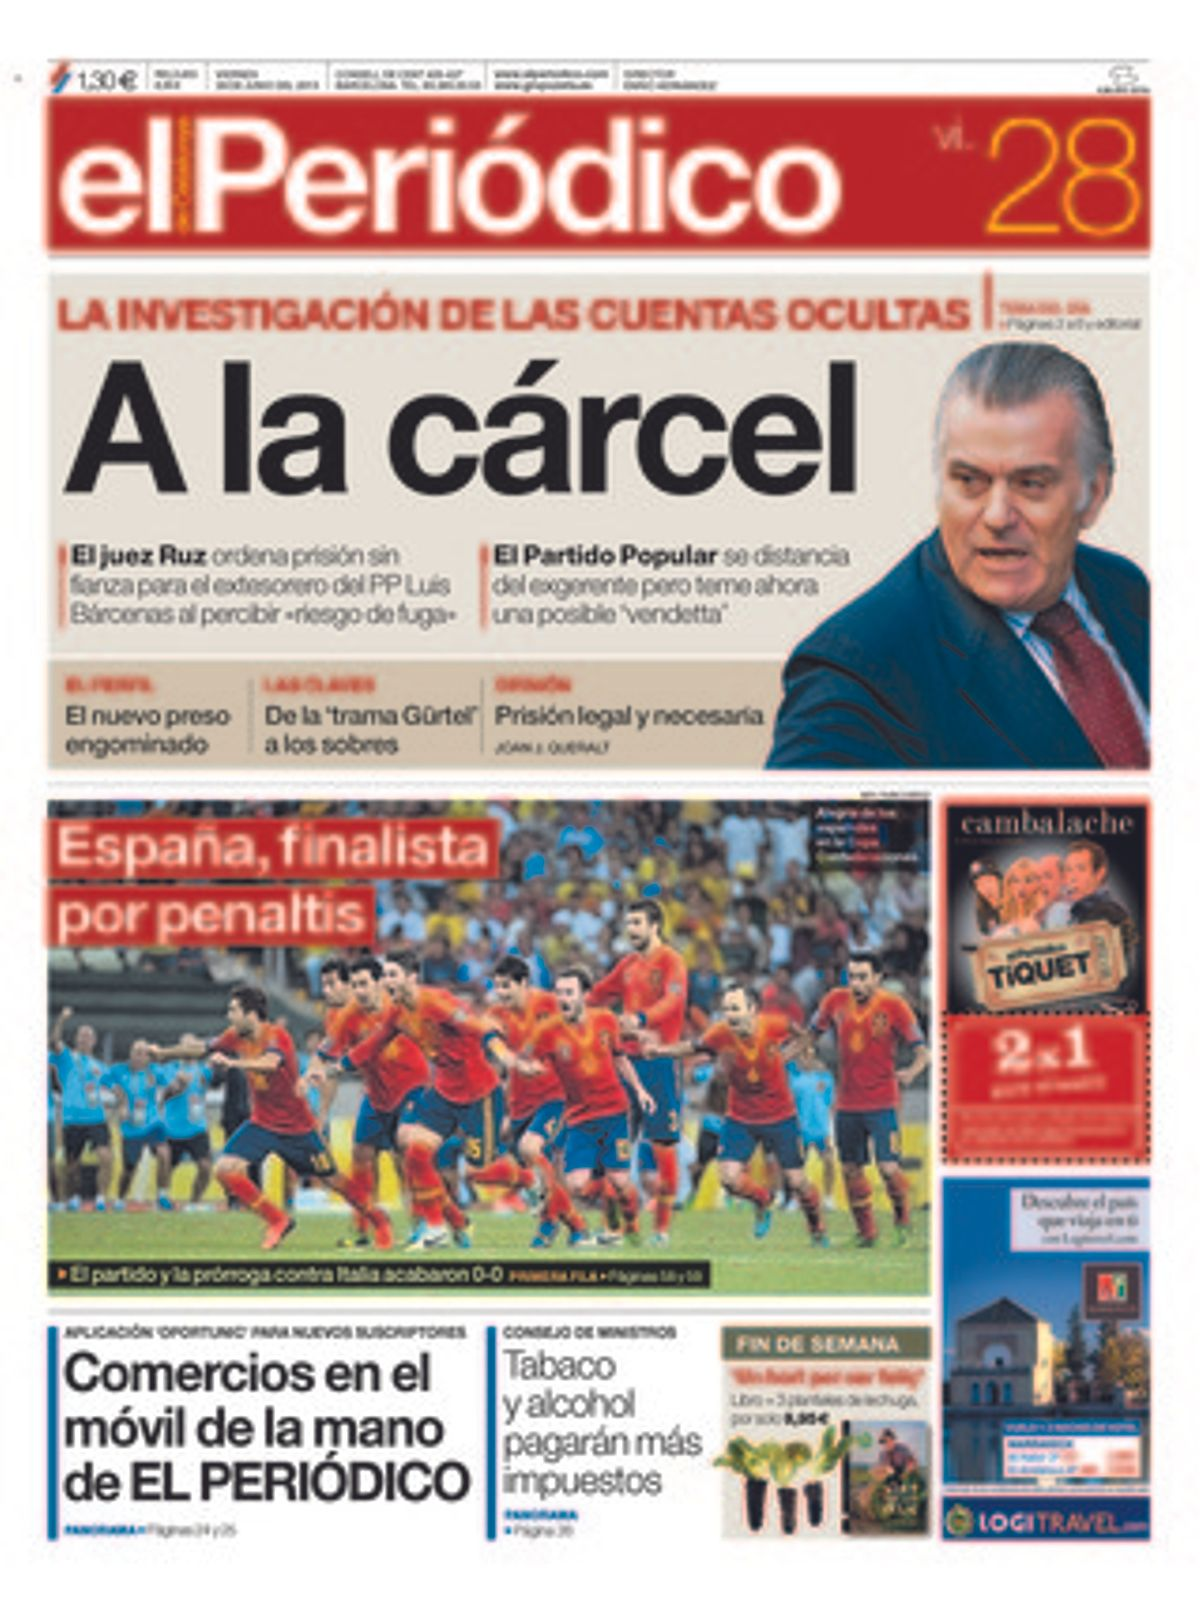 EL PERIÓDICO, 28-6-2013.